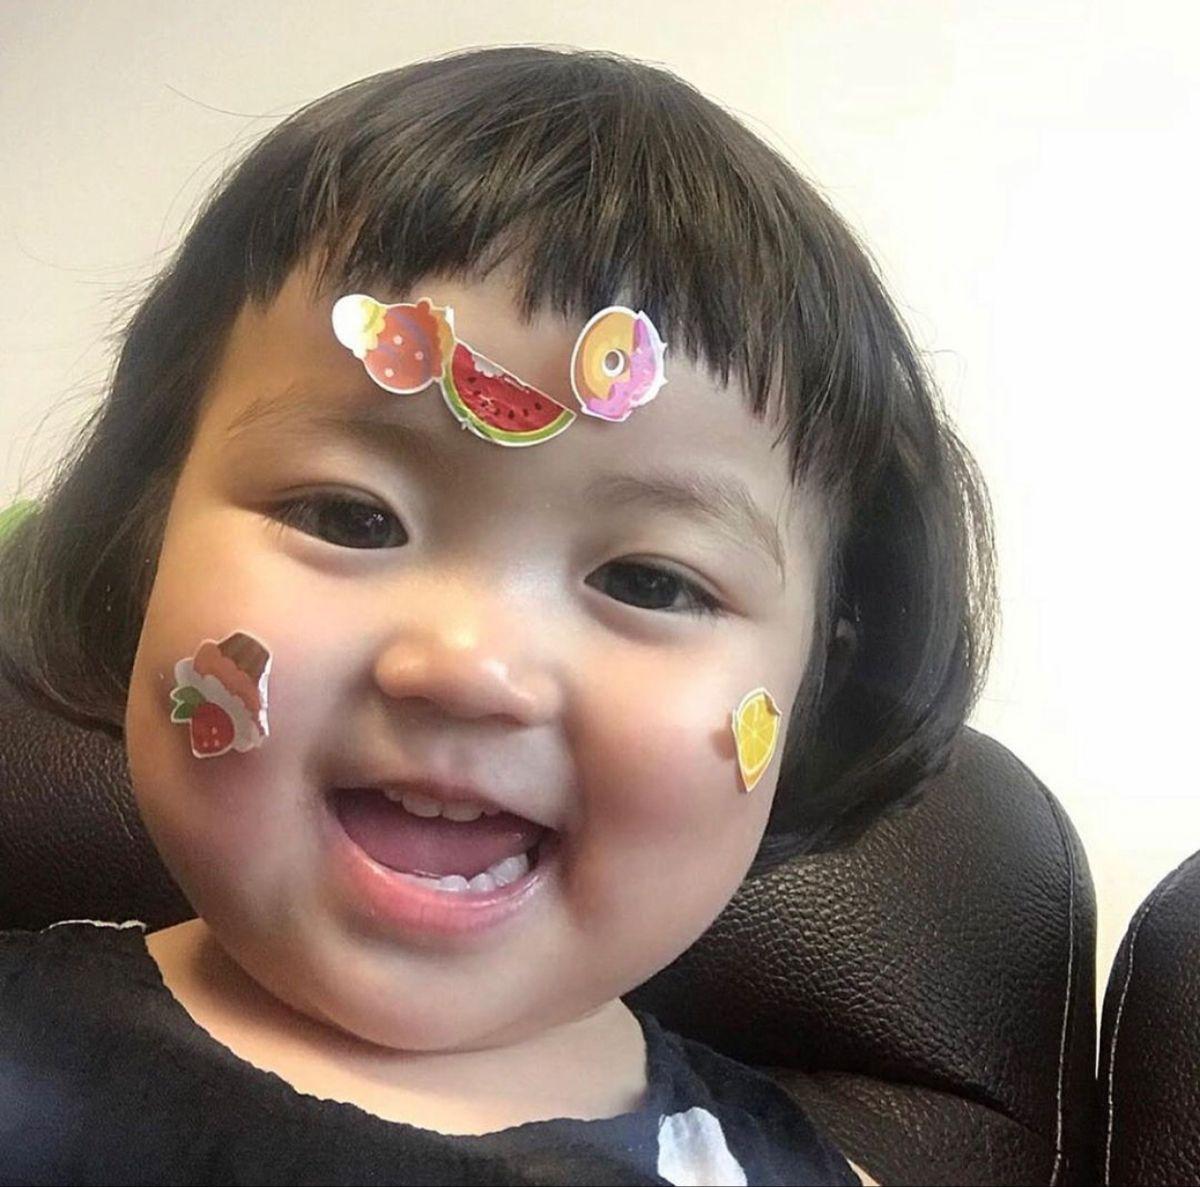 Dudaff Anak Lucu Gambar Bayi Lucu Gambar Bayi